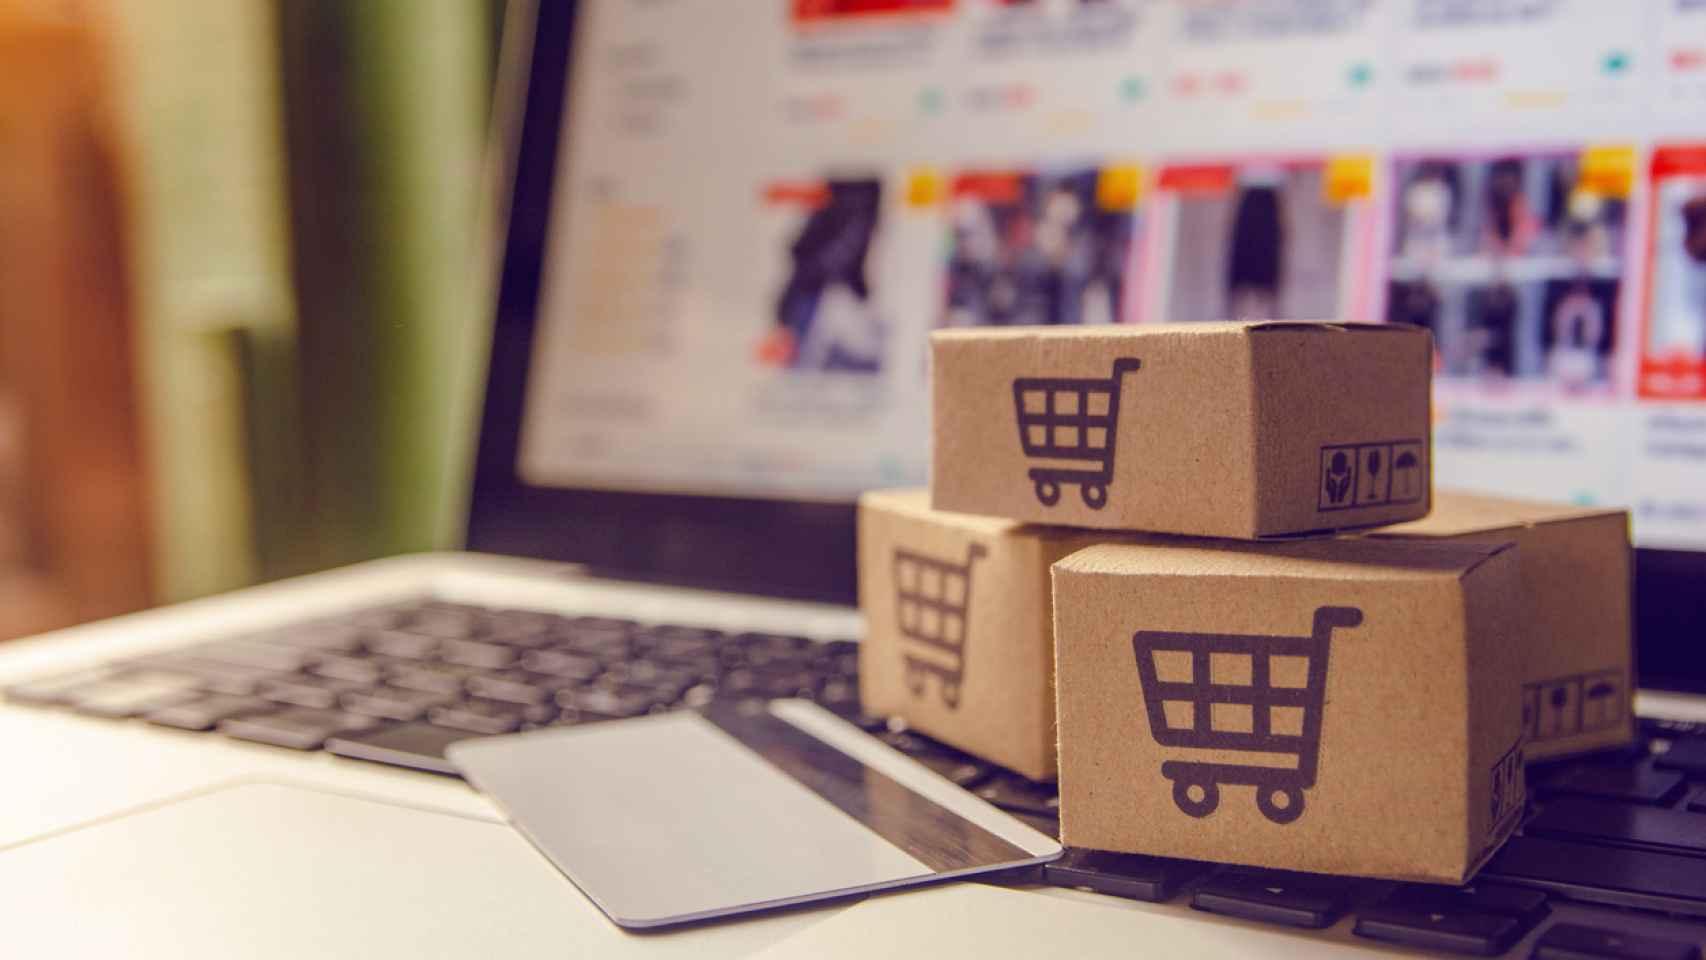 Las 9 mejores ofertas de la semana que encontrarás en Amazon